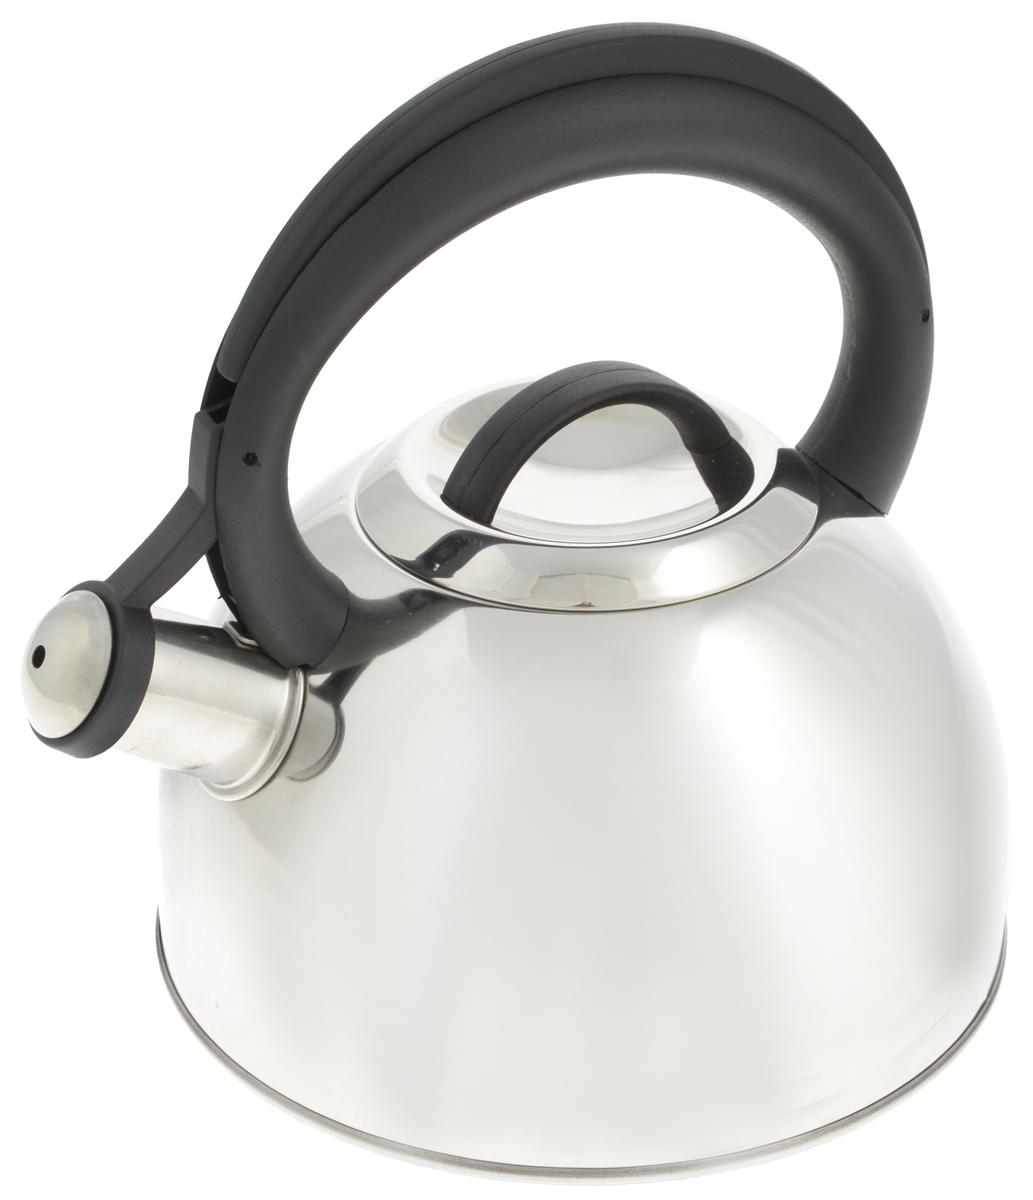 Чайник Tescoma Corona, со свистком, 2 л677460Чайник Tescoma Corona изготовлен из высококачественной нержавеющей стали с многослойным дном. Нержавеющая сталь обладает высокой устойчивостью к коррозии, не вступает в реакцию с холодными и горячими продуктами и полностью сохраняет их вкусовые качества. Особая конструкция дна способствует высокой теплопроводности и равномерному распределению тепла. Чайник оснащен жаропрочной пластиковой ручкой. Носик чайника имеет откидной свисток, звуковой сигнал которого подскажет, когда закипит вода. Подходит для всех типов плит, включая индукционные. Диаметр чайника (по верхнему краю): 10 см. Высота чайника (без учета ручки и крышки): 11,5 см. Высота чайника (с учетом ручки): 23 см.